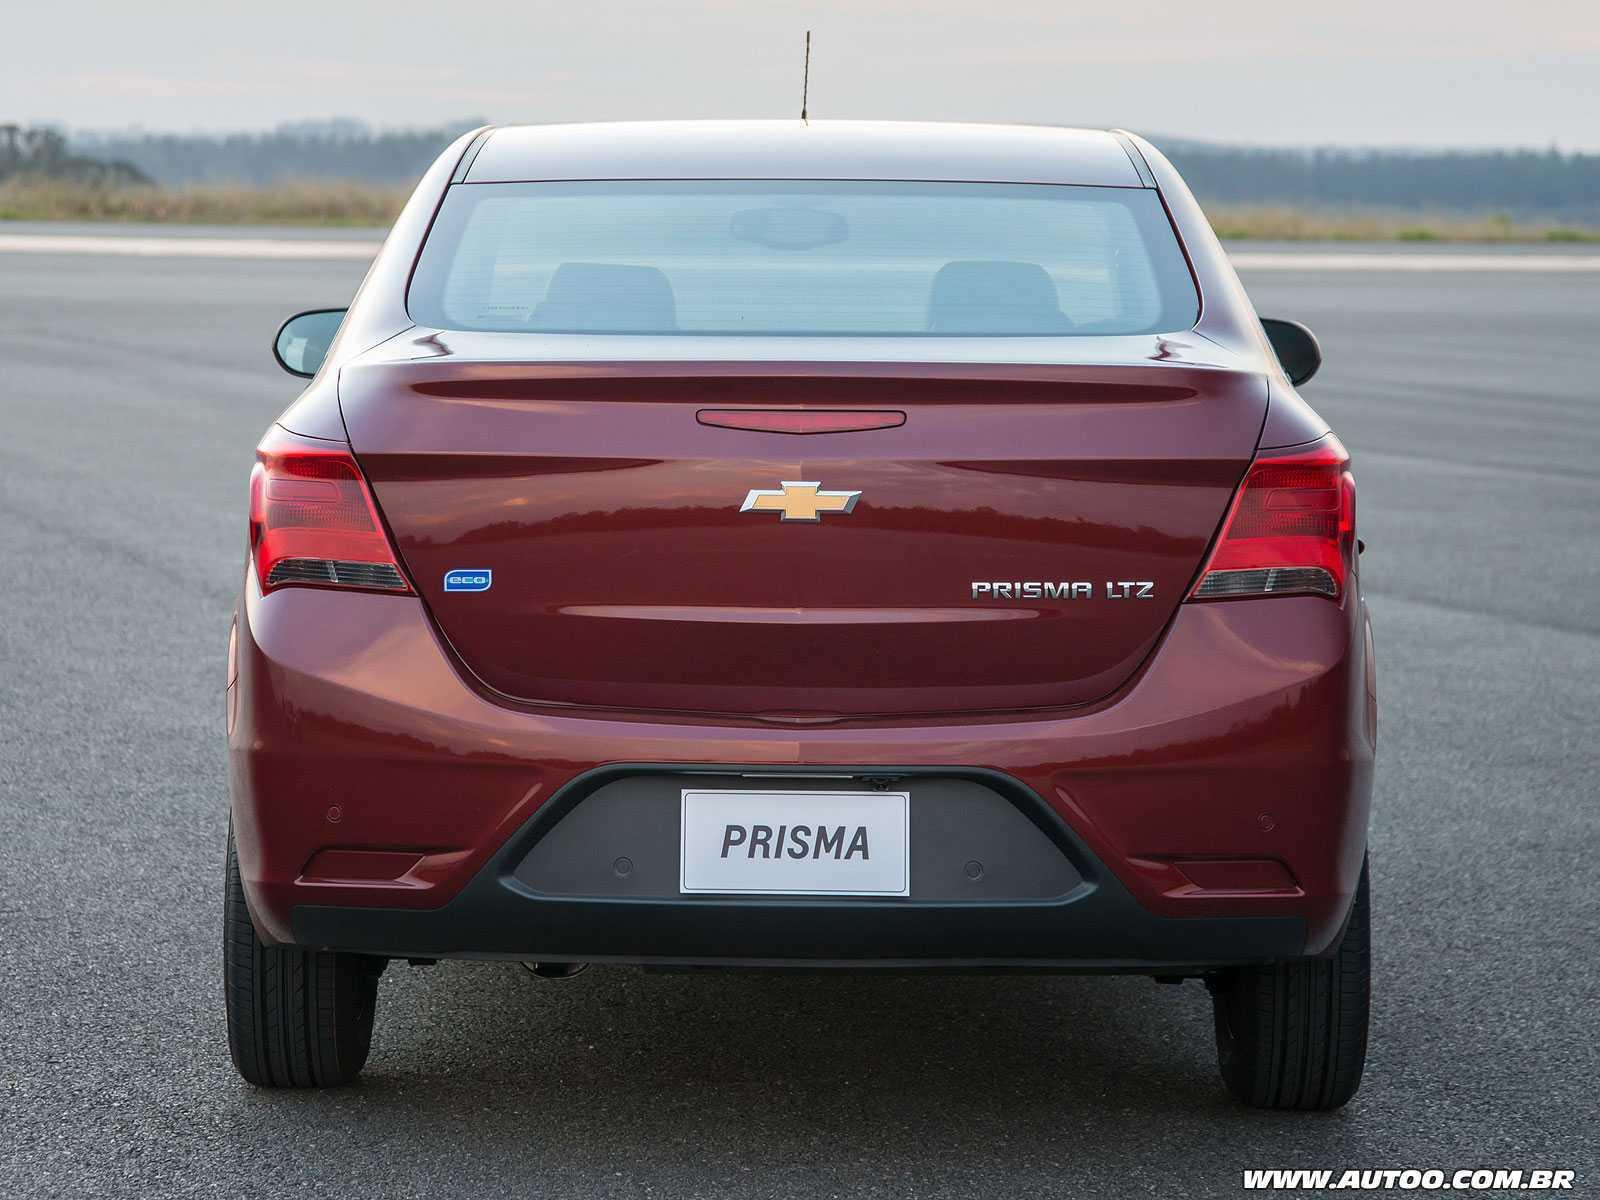 ChevroletPrisma 2017 - traseira